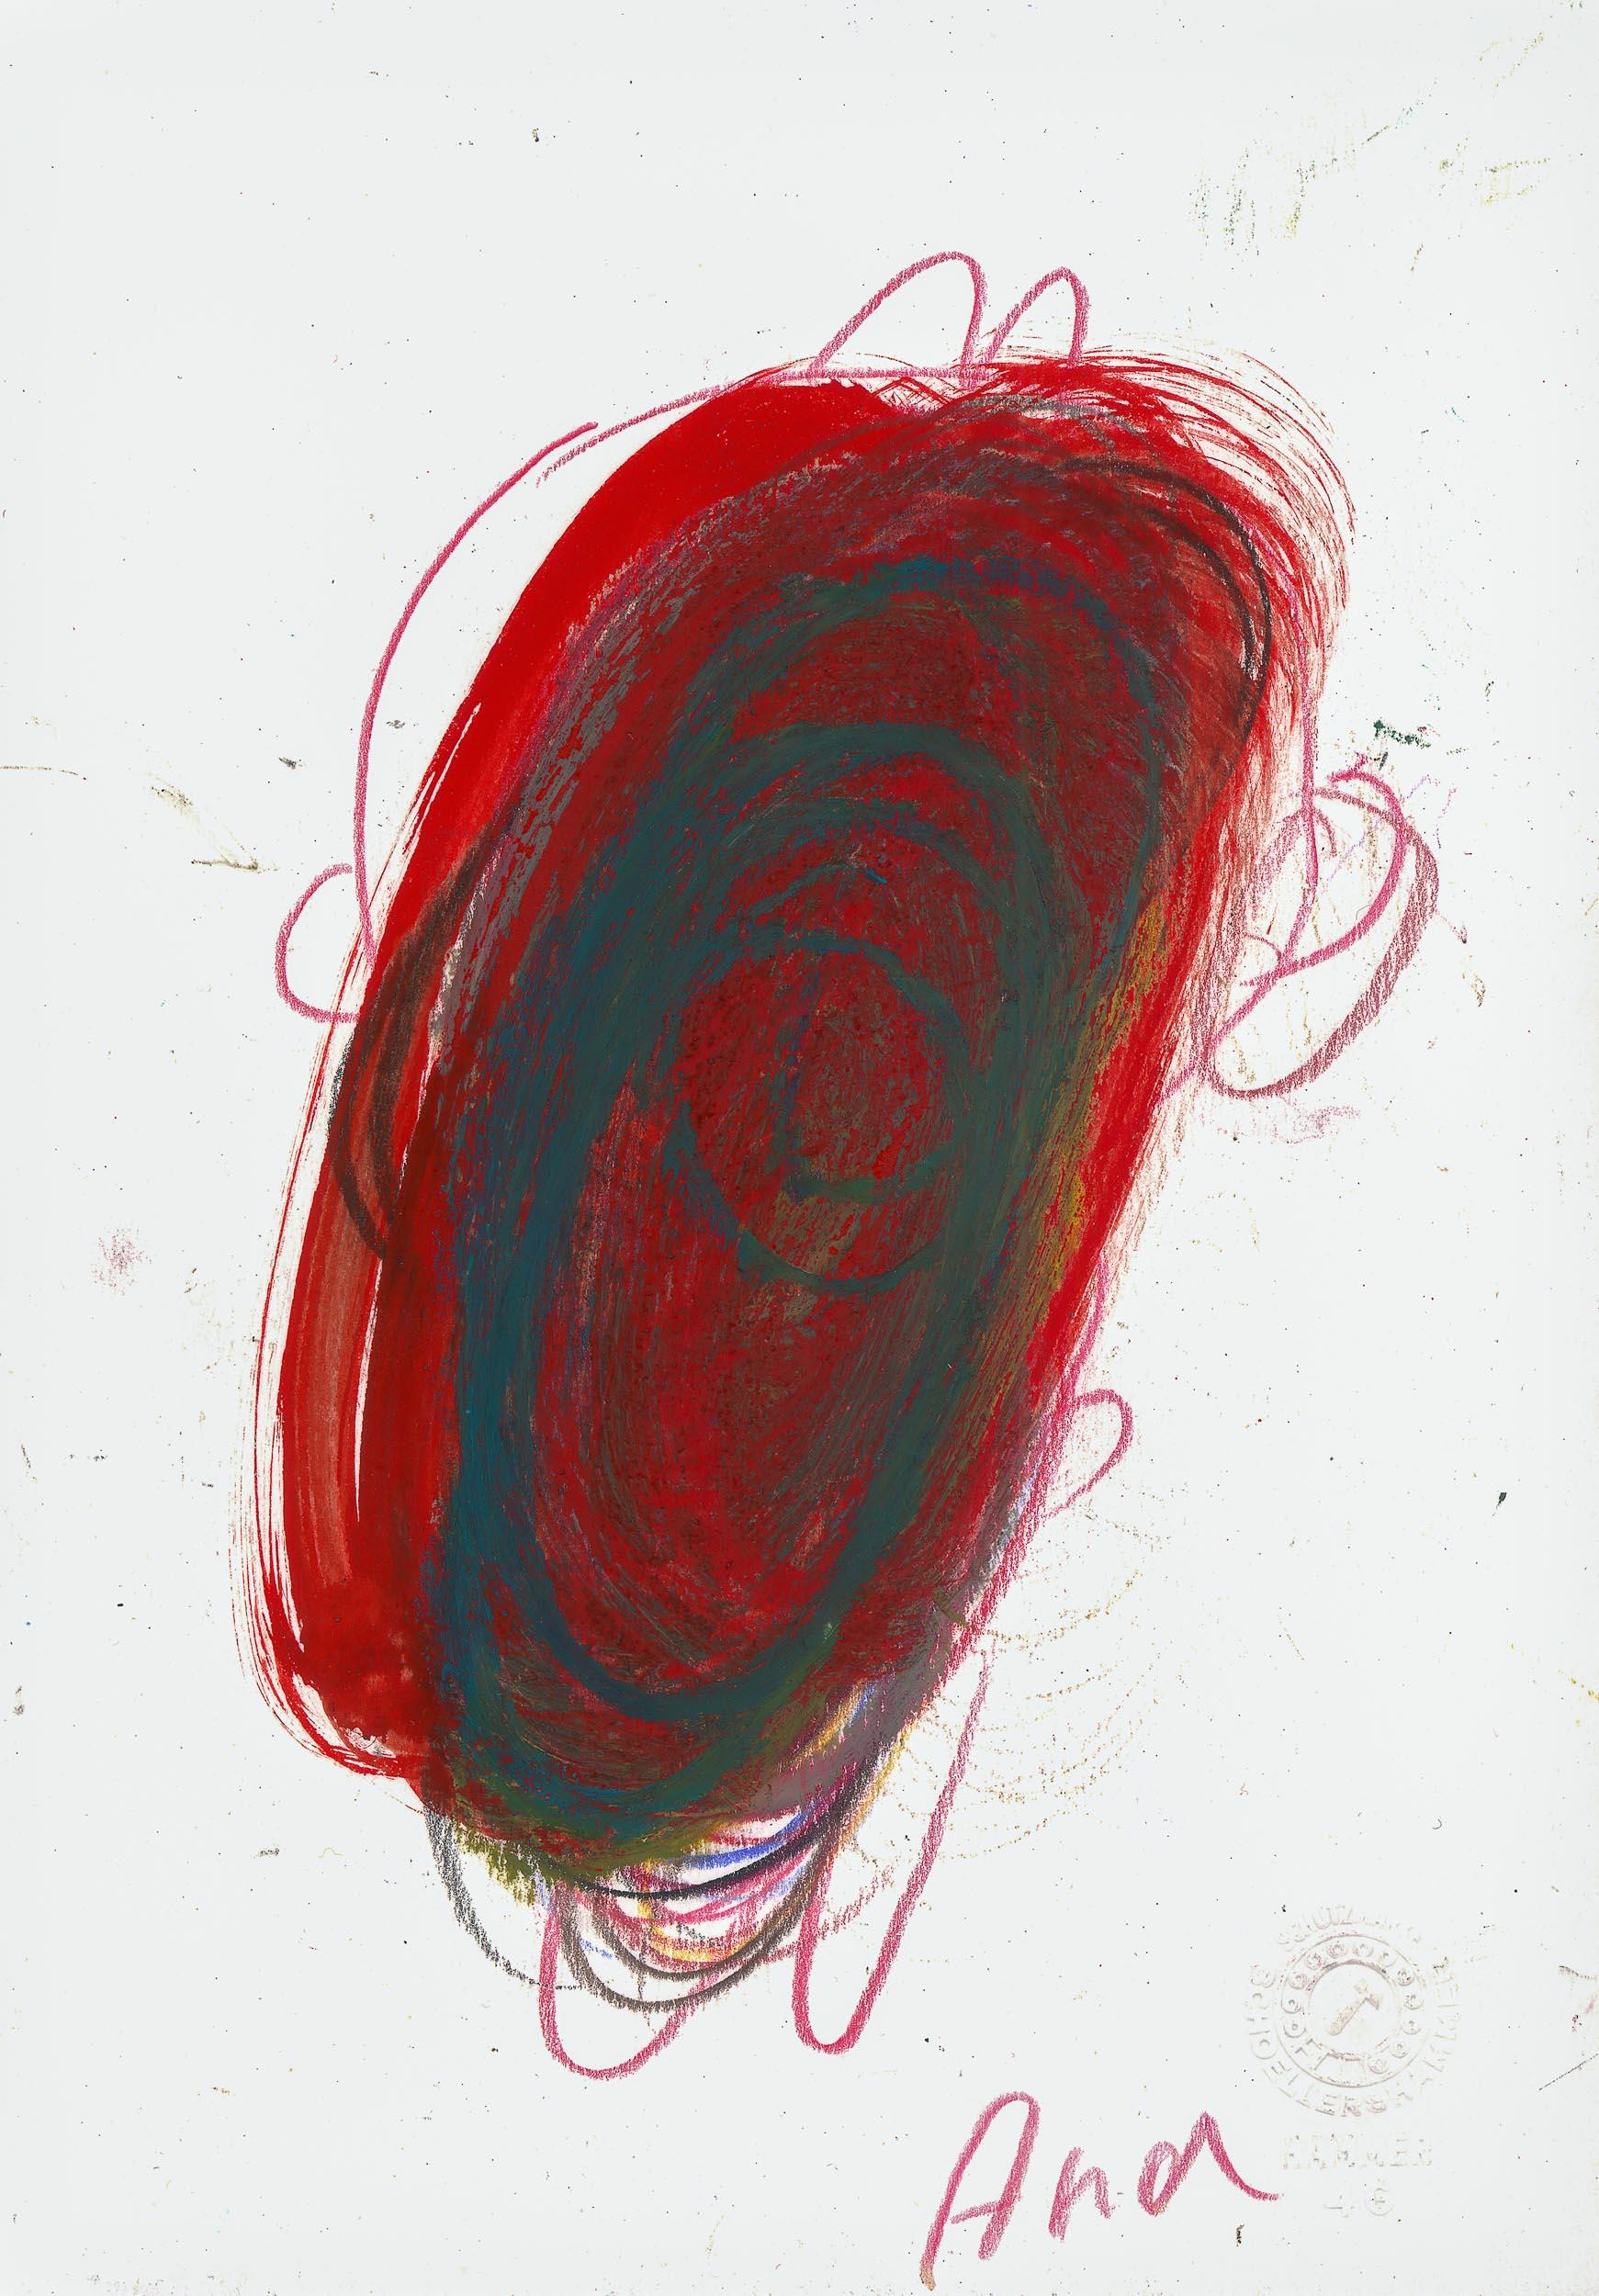 schmidt arnold - ohne titel / untitled